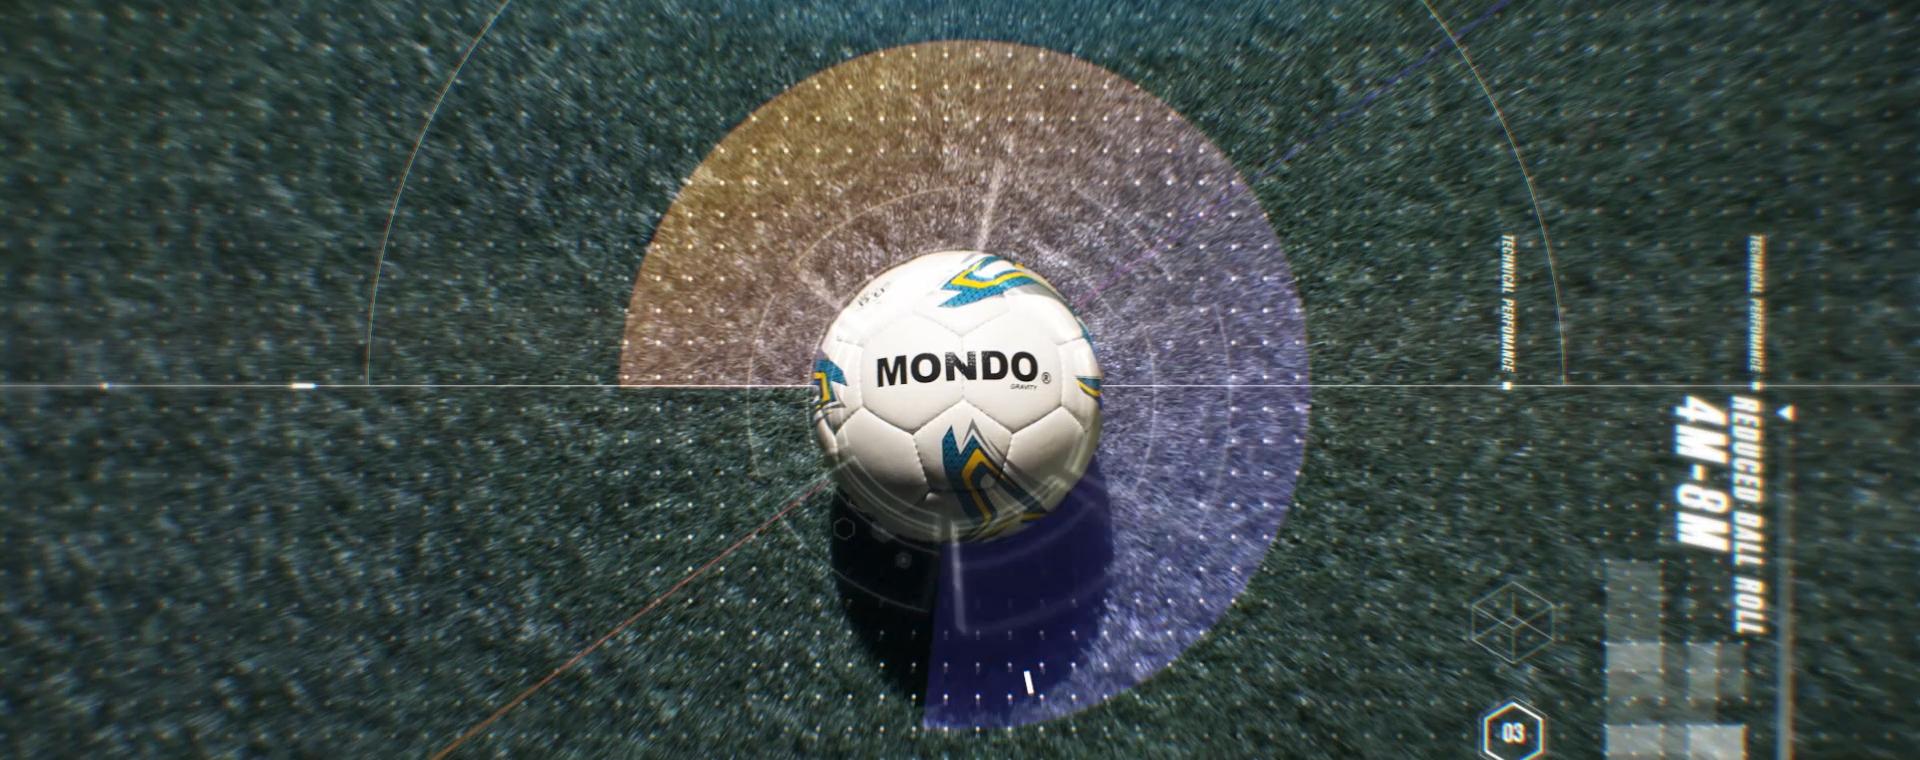 MONDO_h264_v25_1920760-0-00-15-06